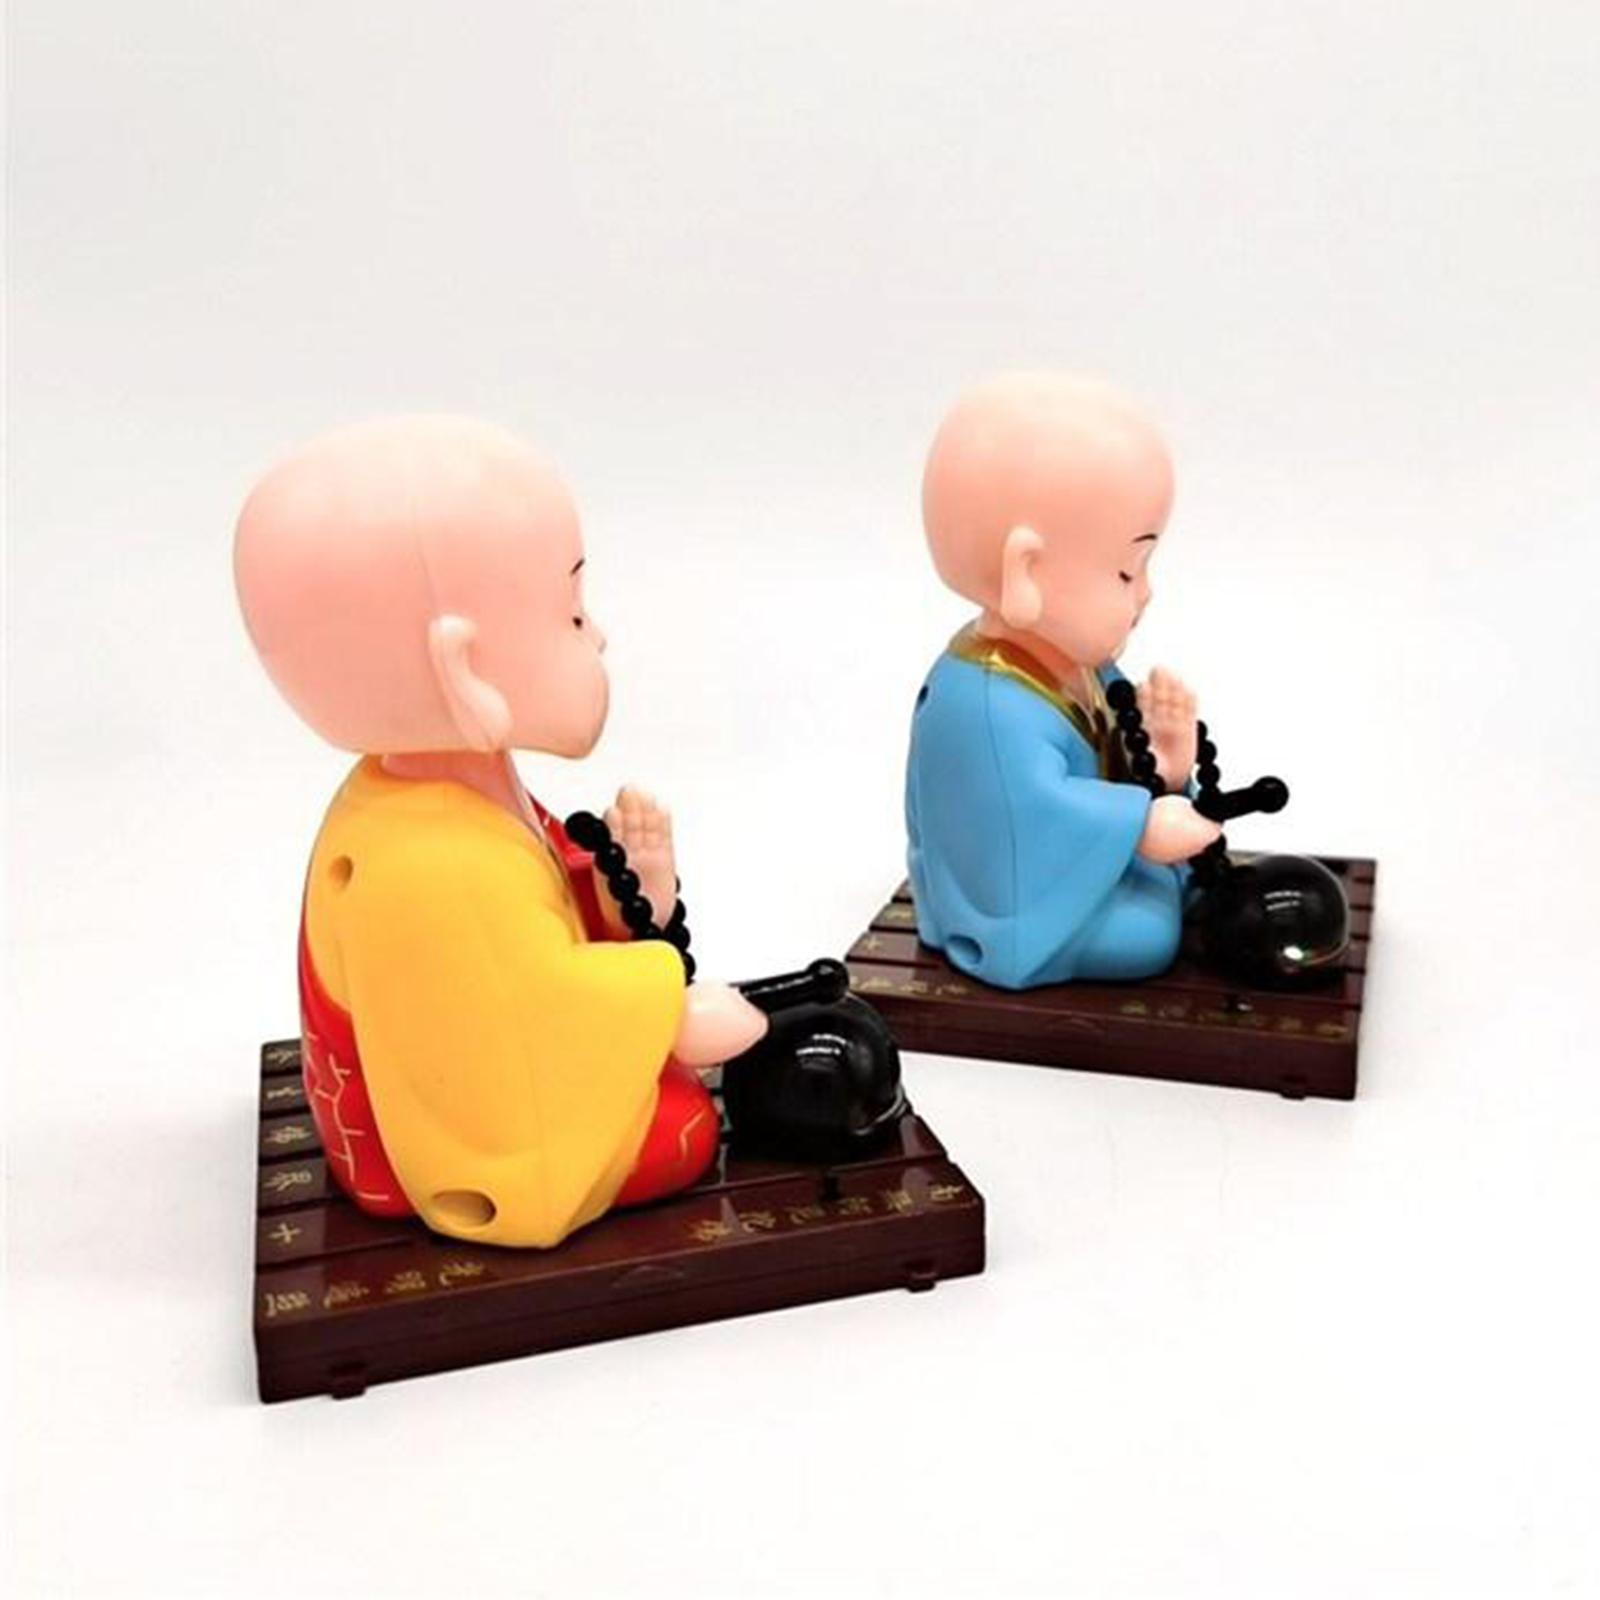 miniatura 7 - Giocattolo da ballo alimentato ad energia solare monaco buddista oscillante